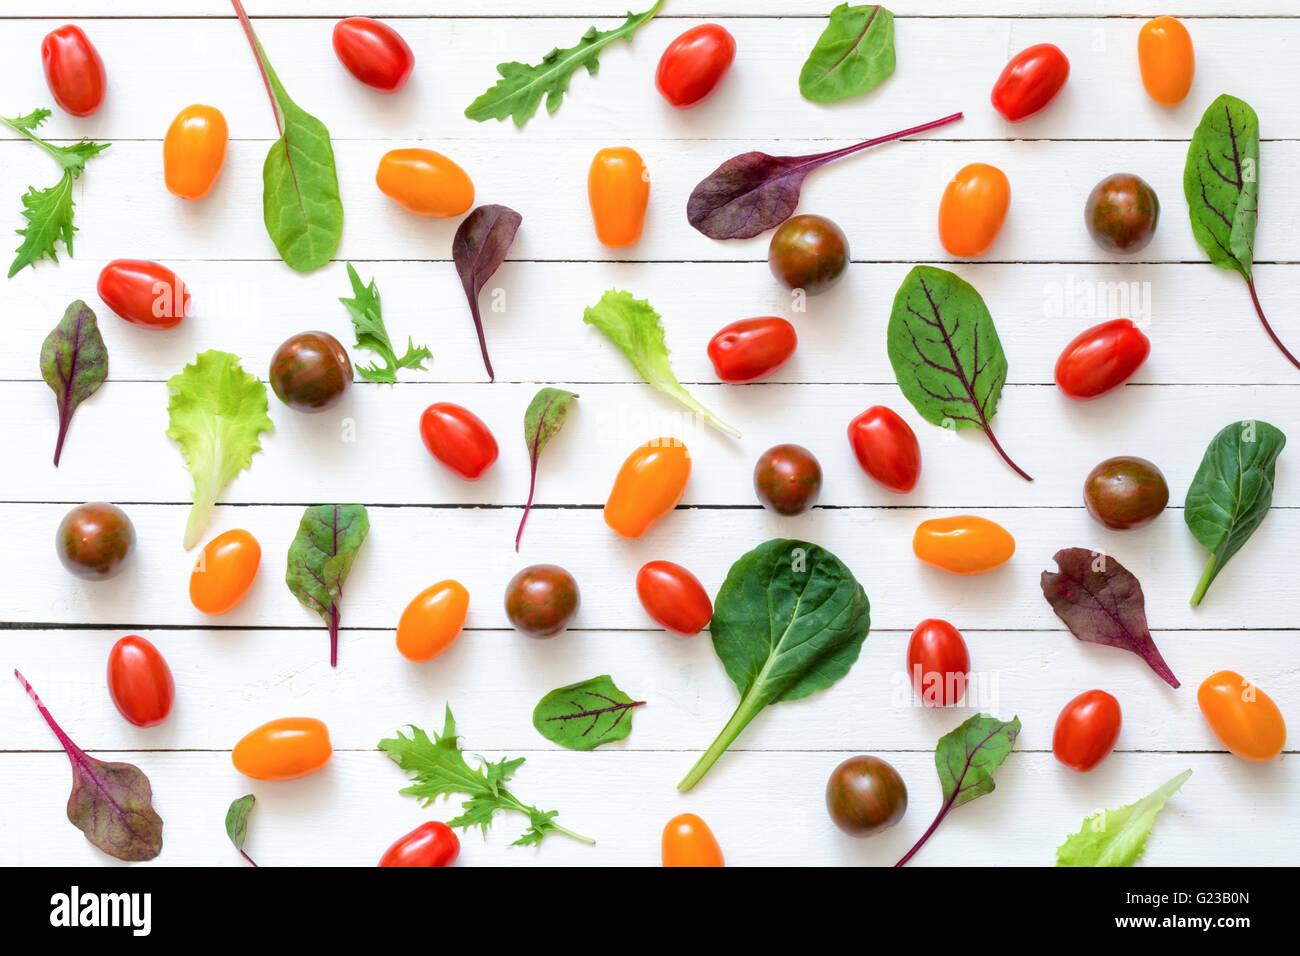 Farbenfrohe Wohnung lag der Lebensmittelzutaten. Gesunde Ernährung-Hintergrund Stockbild